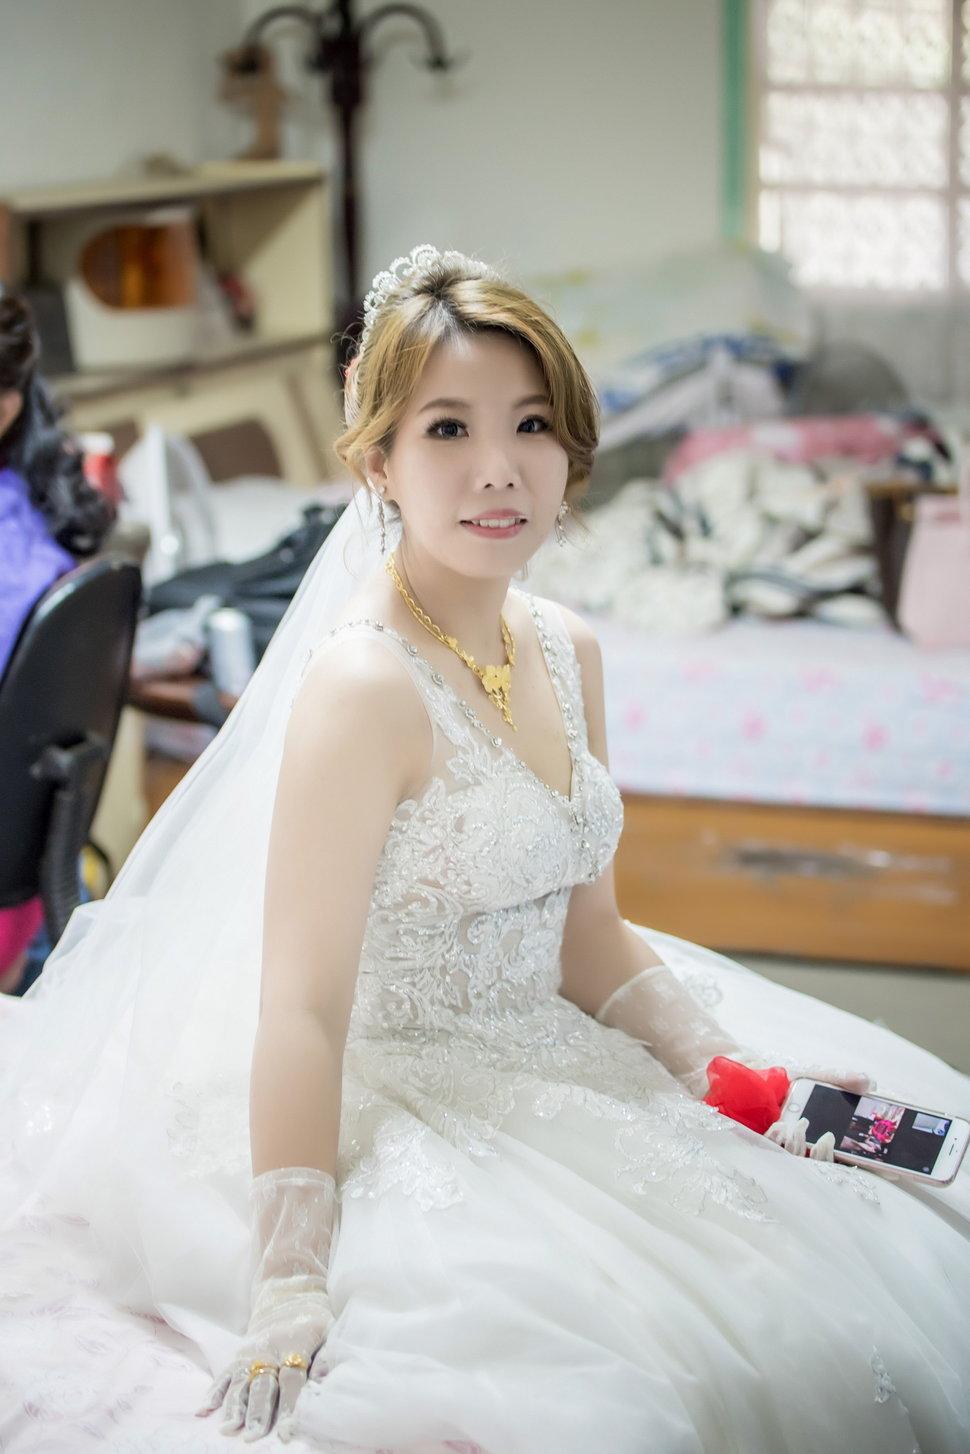 1 (29) - Daco  攝影工作室《結婚吧》